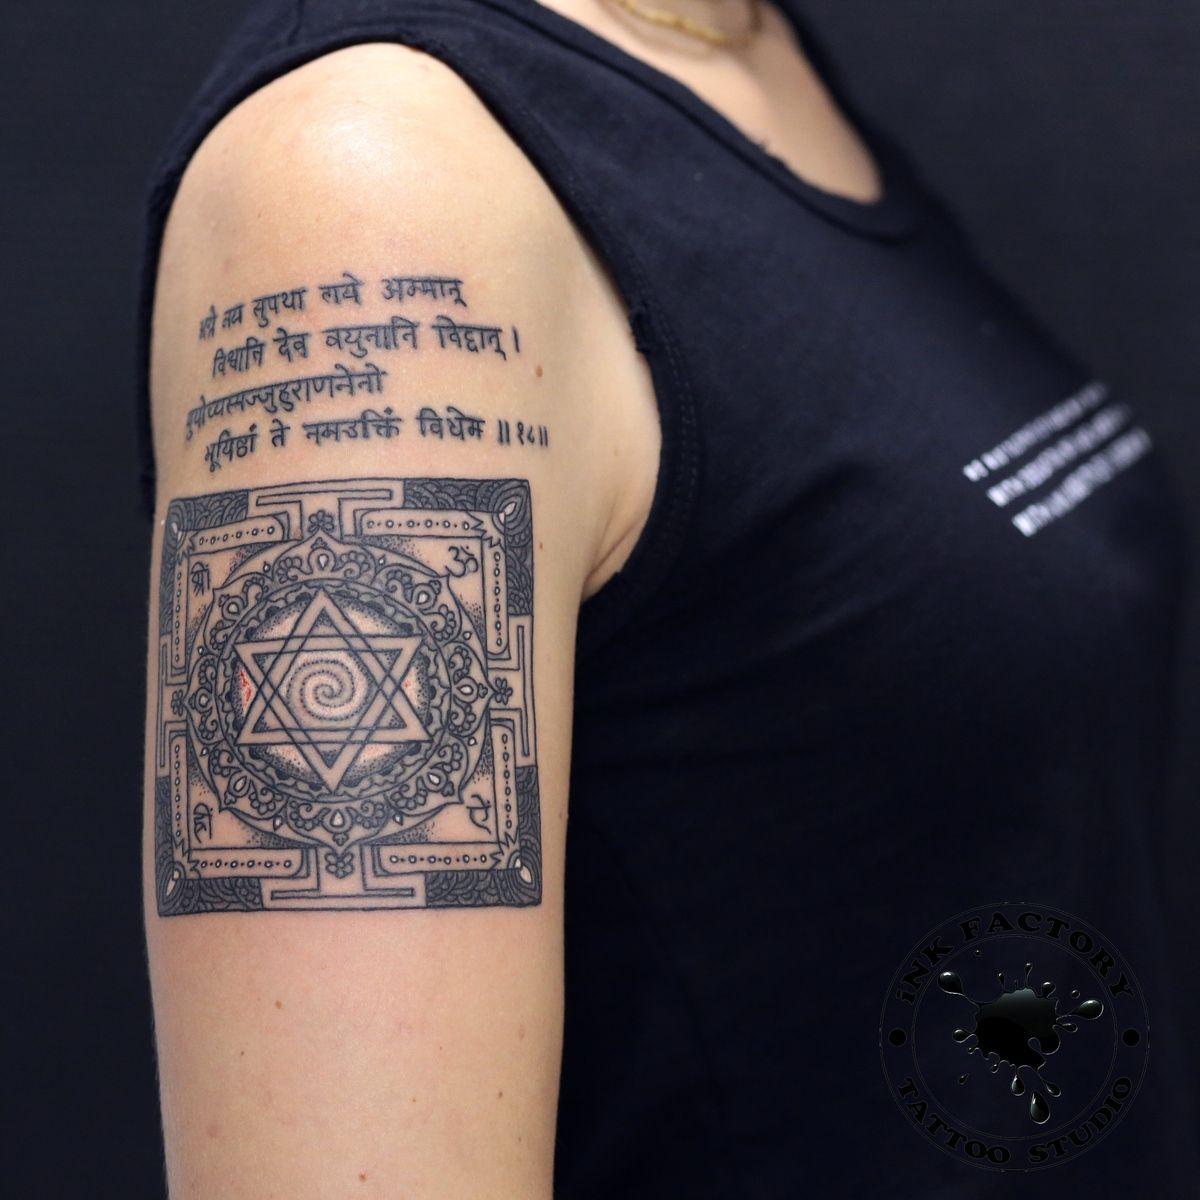 Обновление старой татуировки - сделано в InkFactory